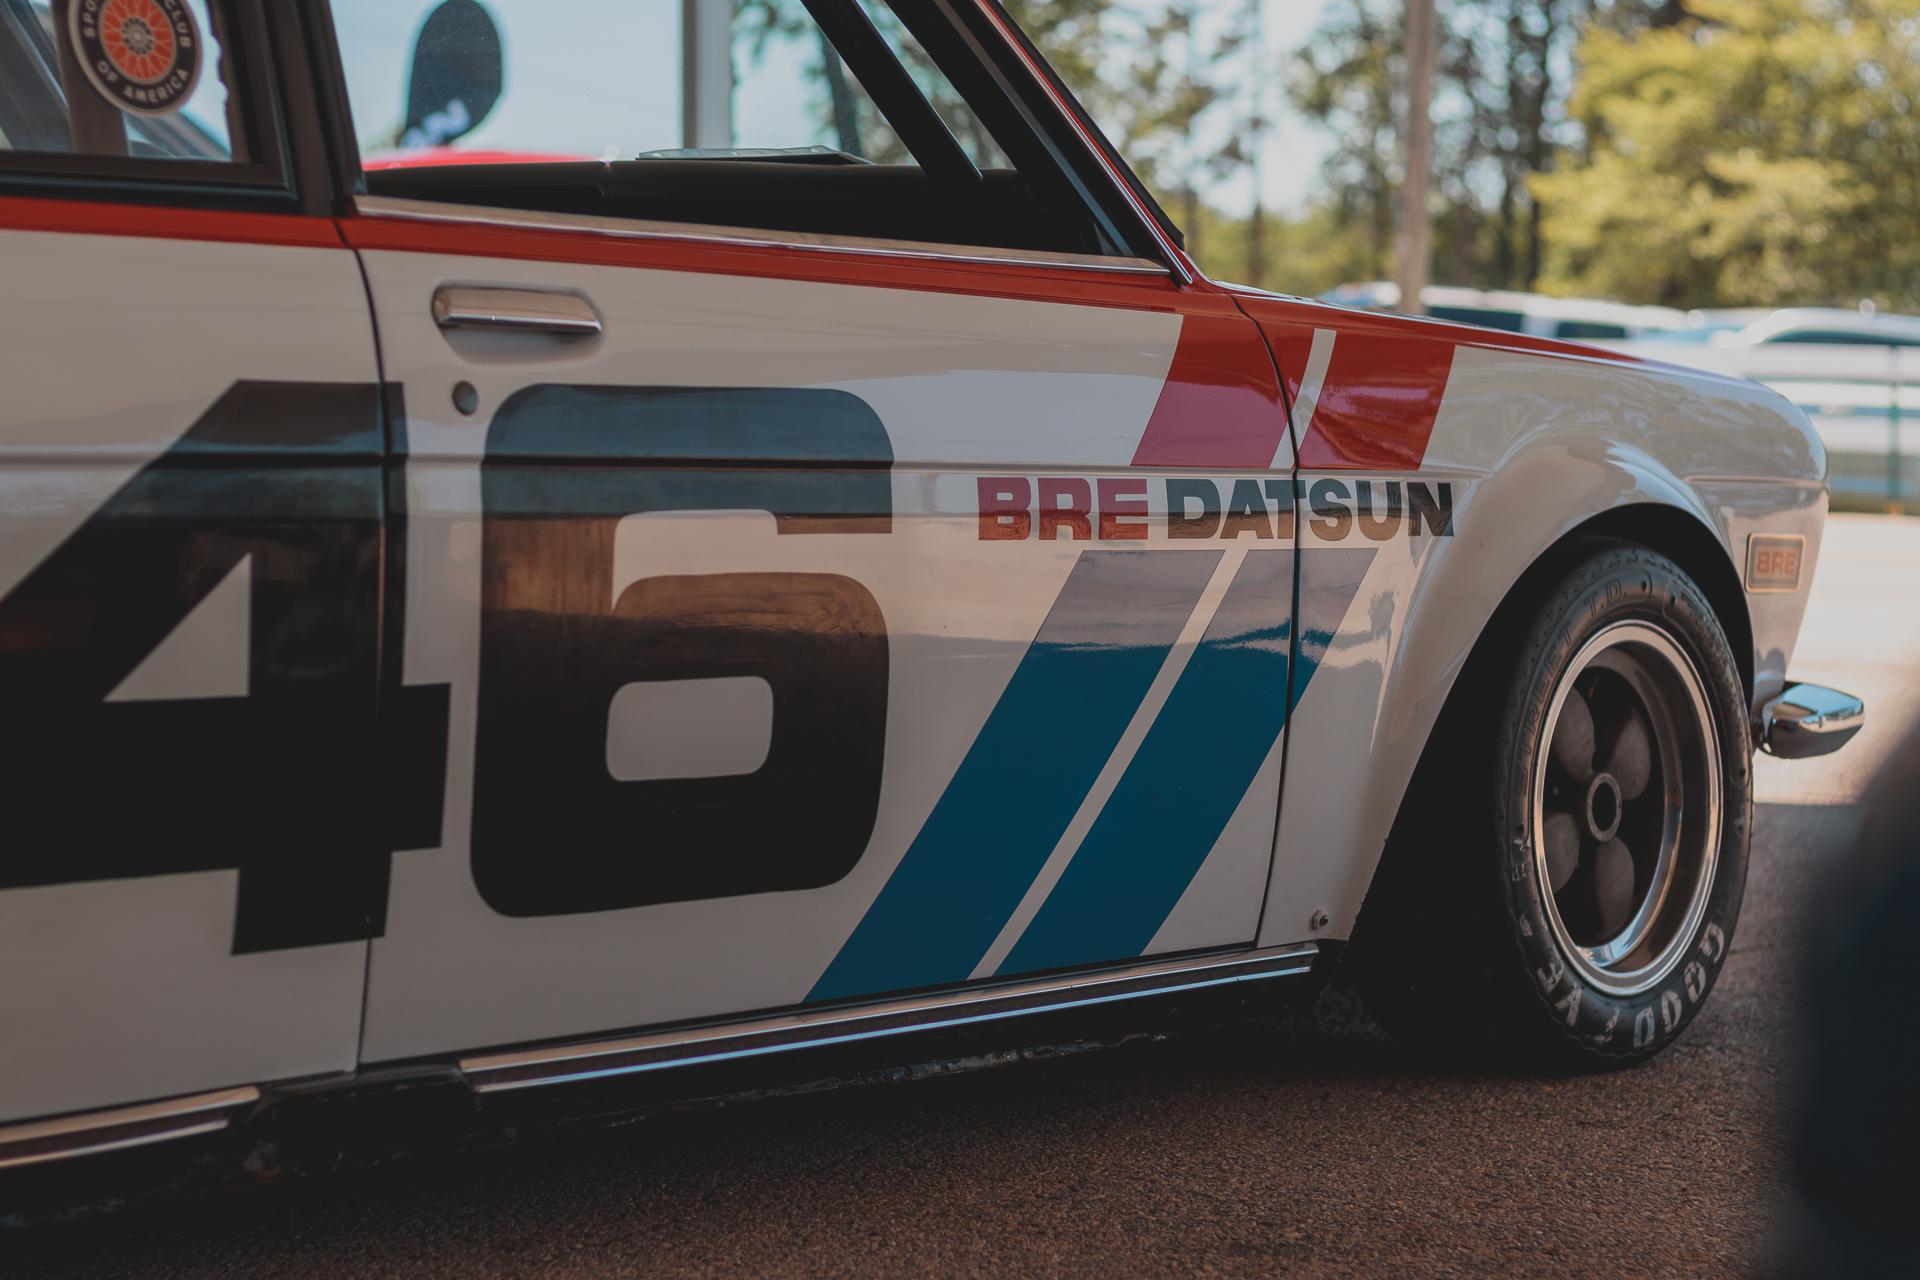 BRE Datsun 510 livery